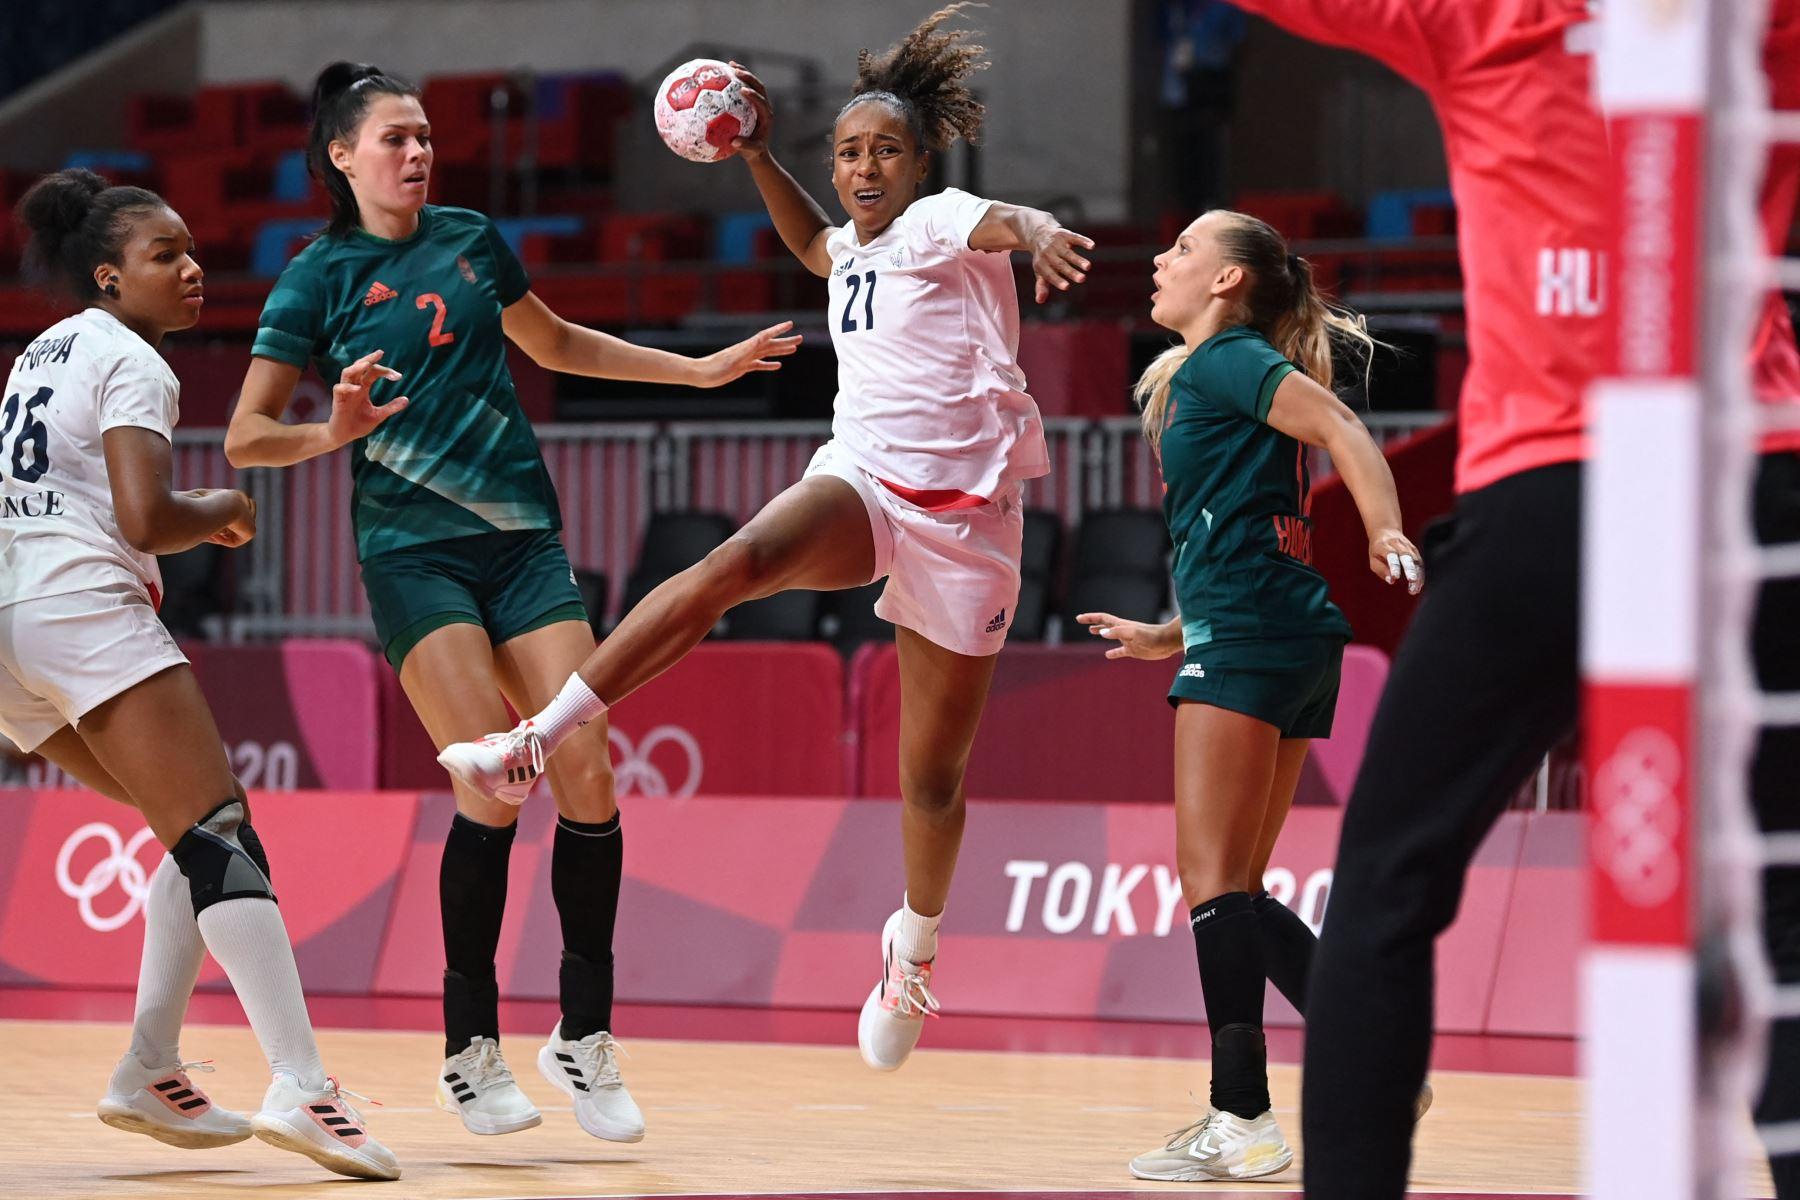 La lateral izquierda francesa Estelle Nze Minko dispara durante el partido de balonmano del grupo B de la ronda preliminar femenina entre Hungría y Francia de los Juegos Olímpicos de Tokio 2020 en el Estadio Nacional Yoyogi en Tokio. Foto: AFP